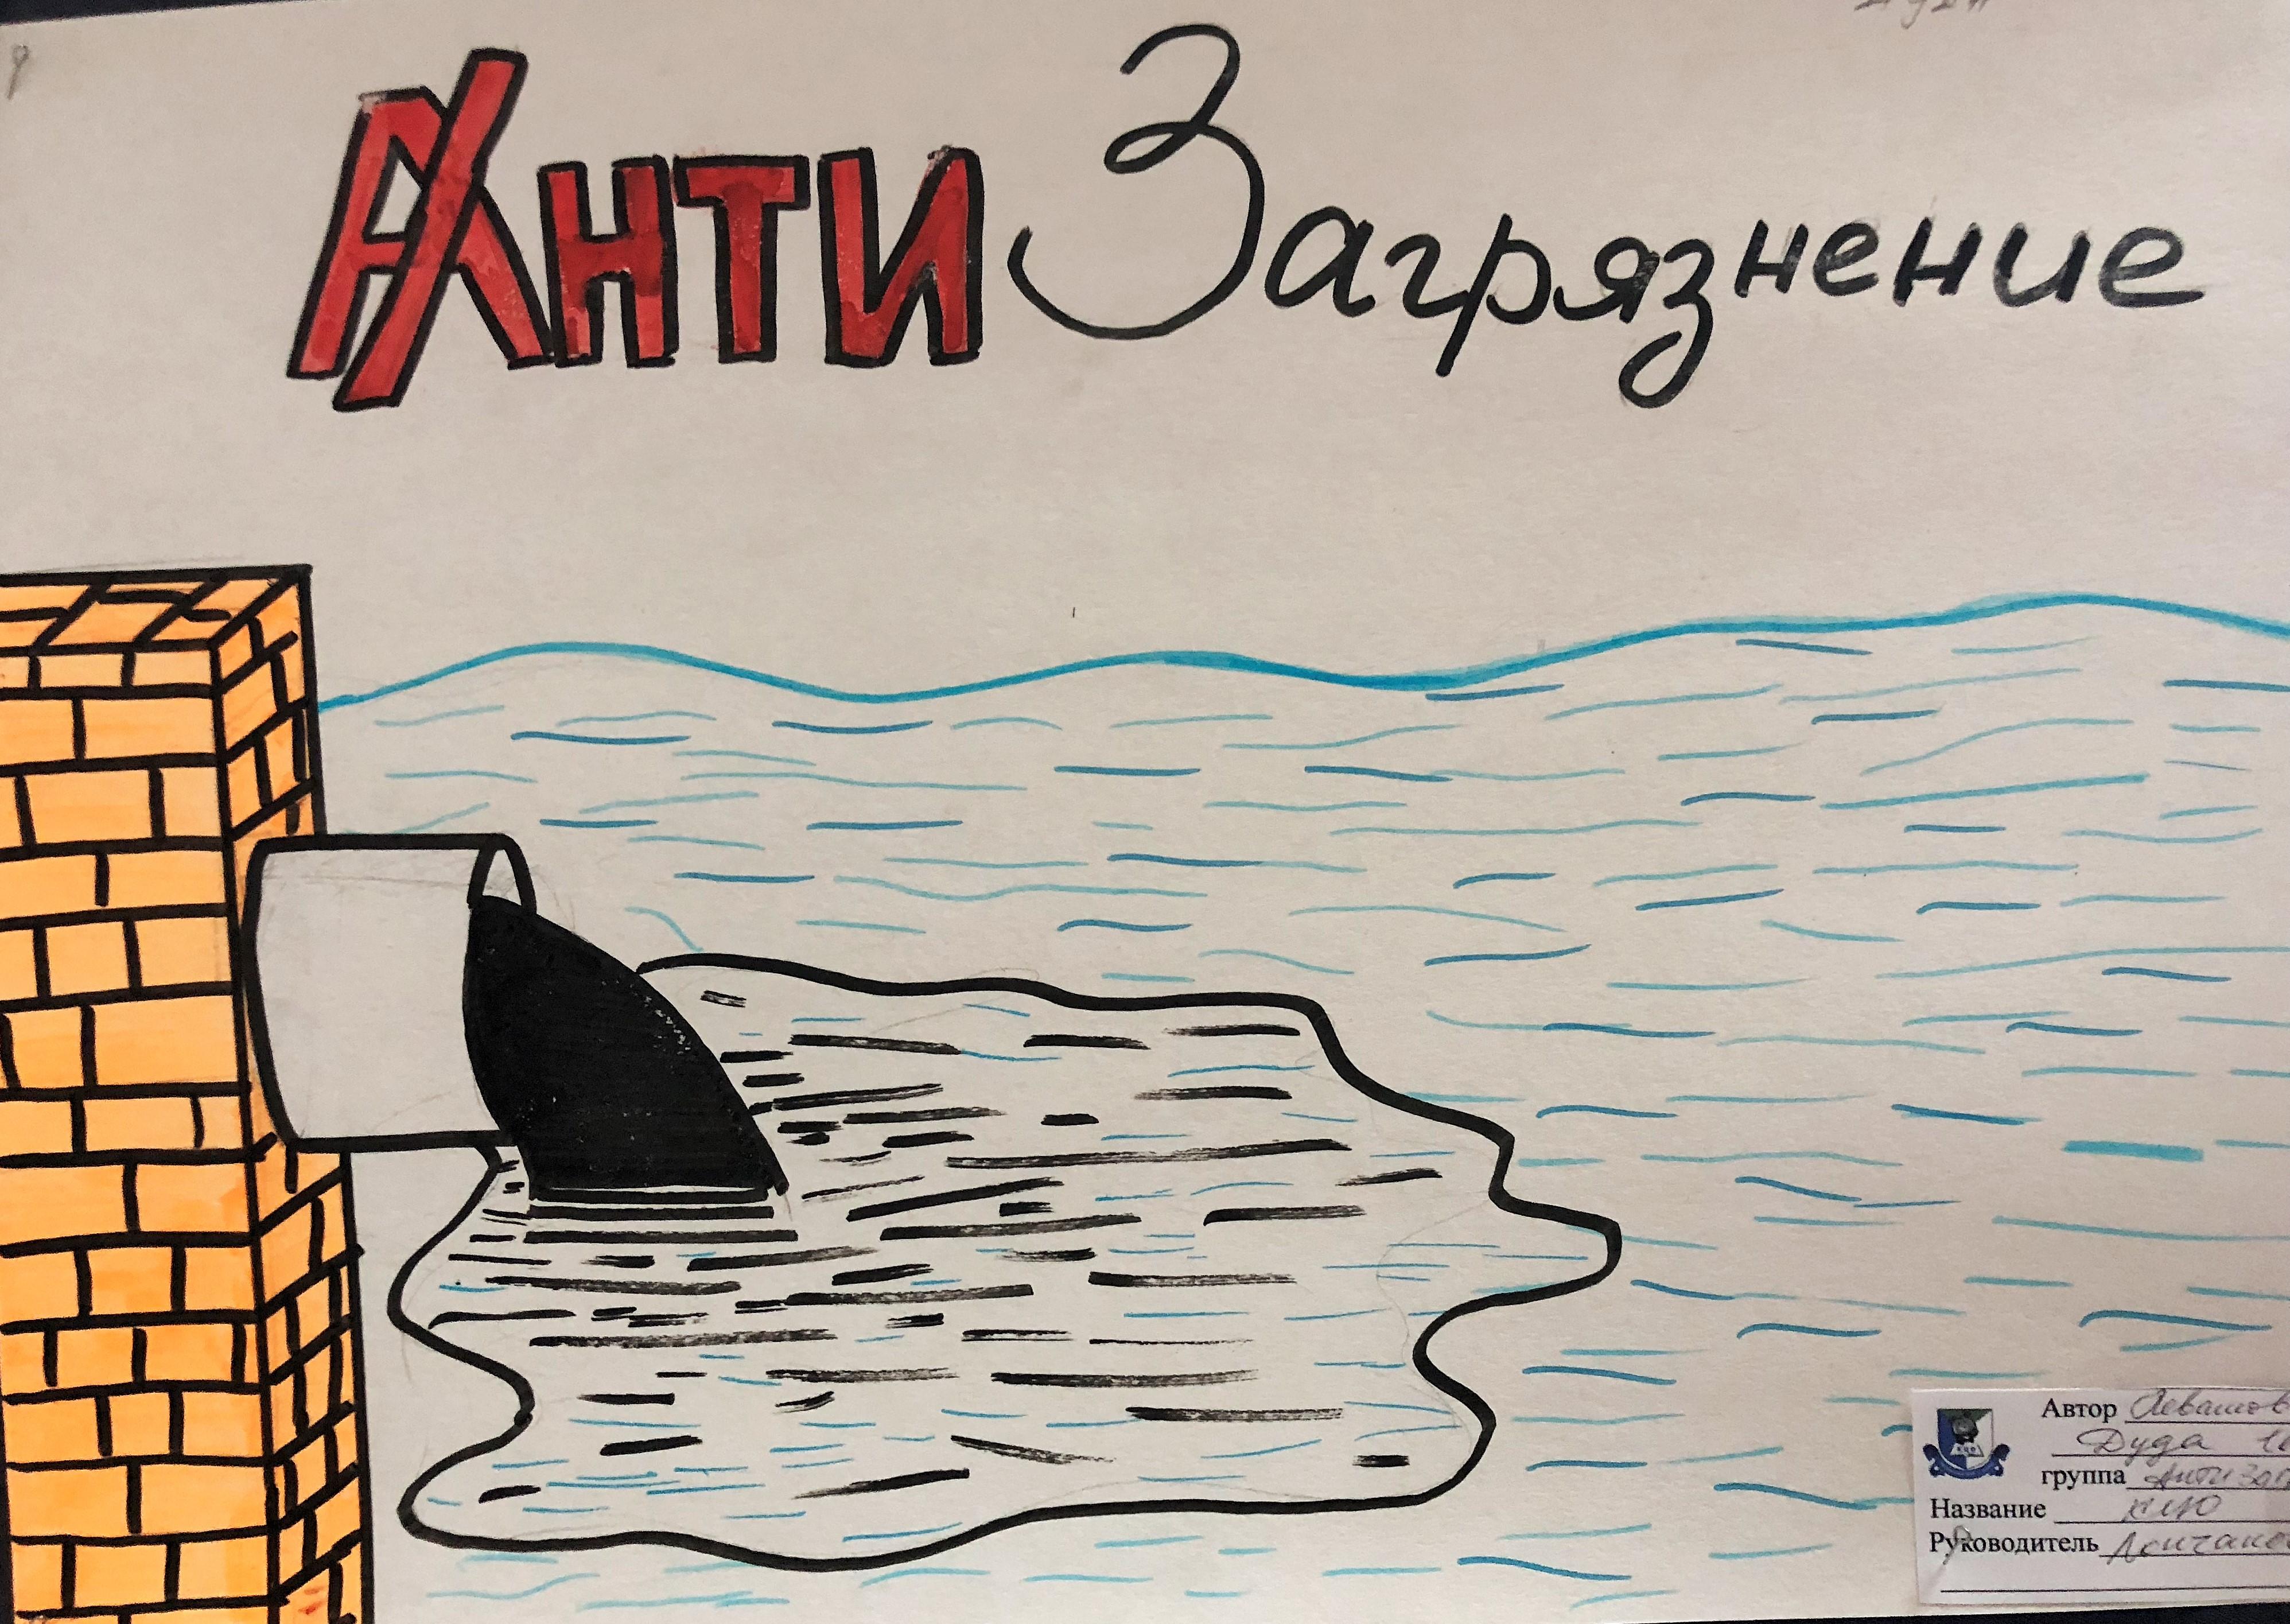 всех жителей картинки из воды плакат для щуки